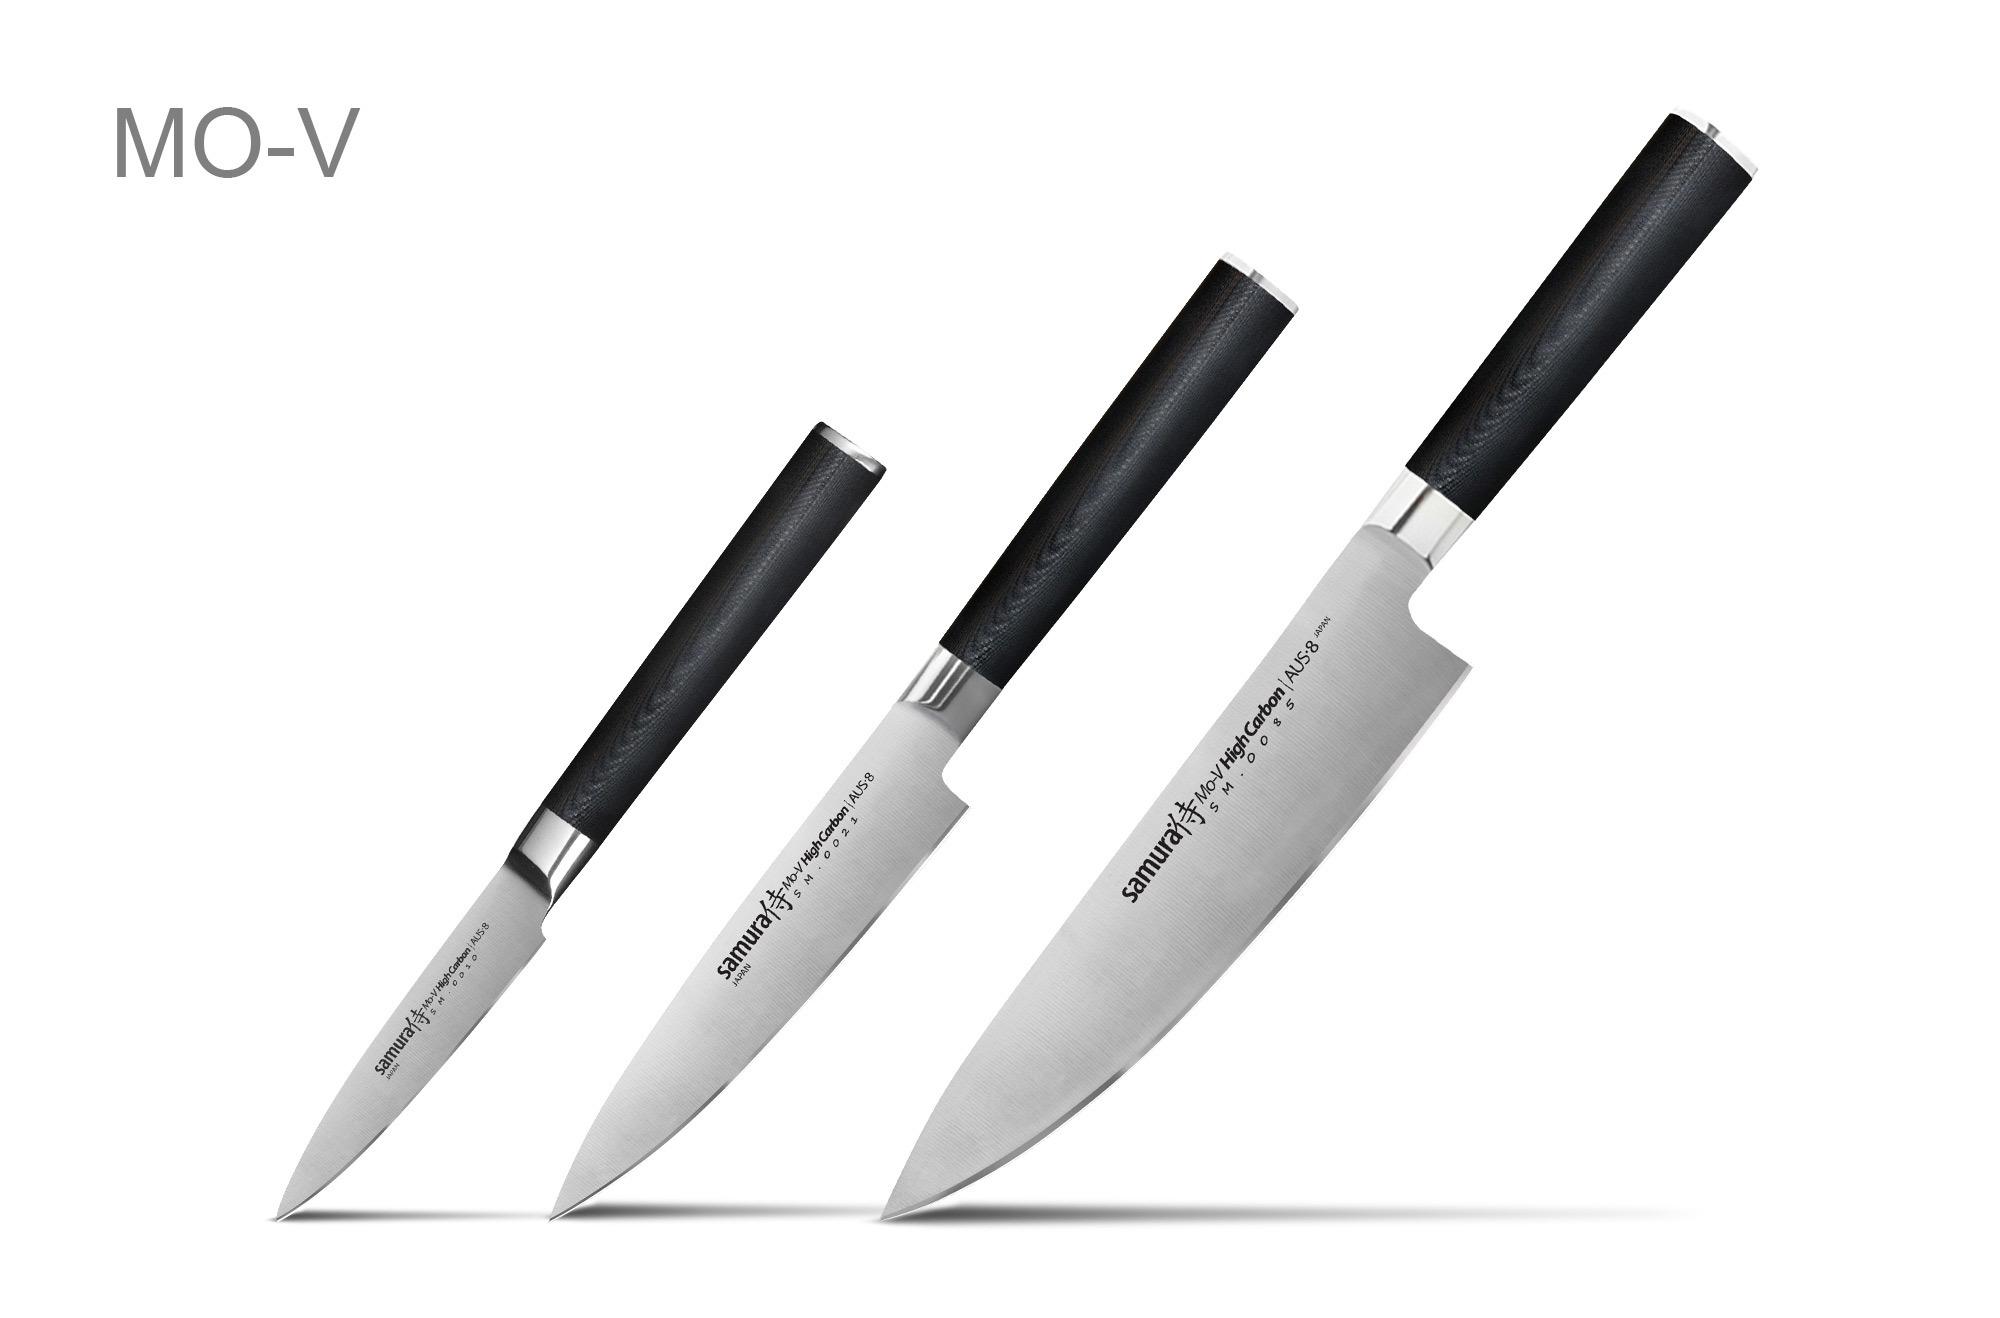 Фото 3 - Набор из 3 кухонных ножей Samura MoV в подарочной коробке -